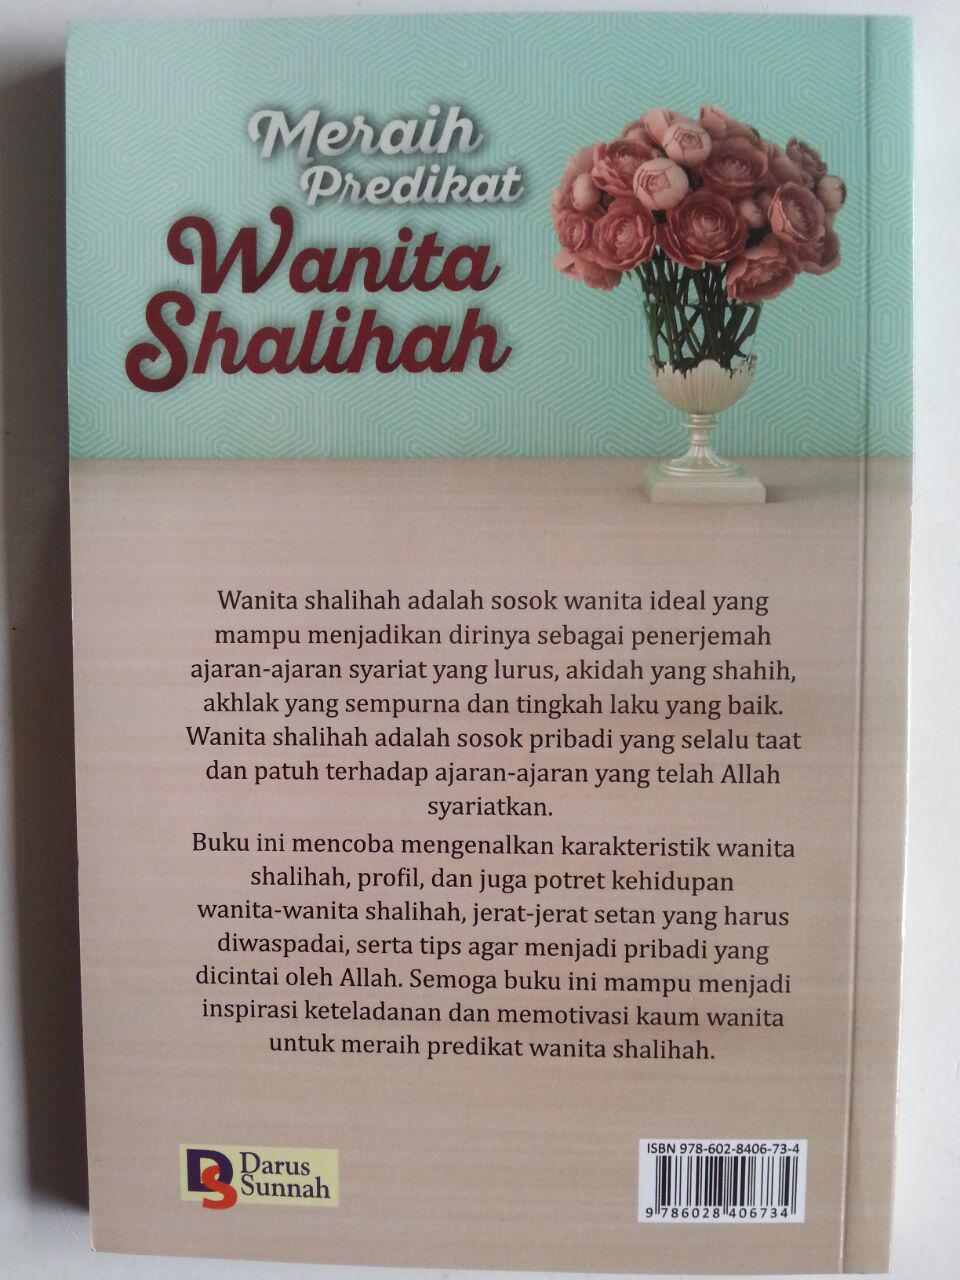 Buku Meraih Predikat Wanita Shalihah cover